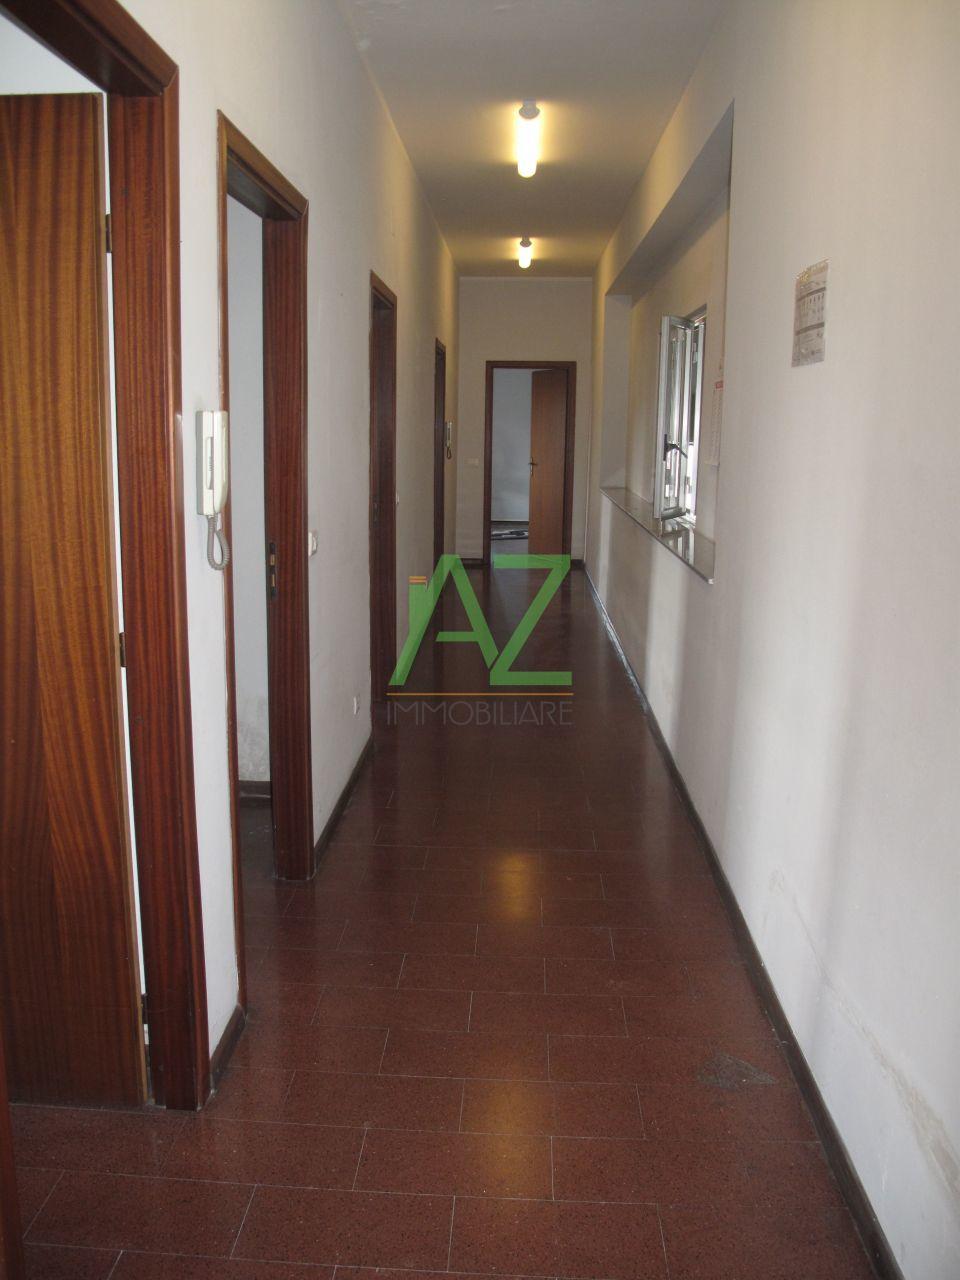 Ufficio / Studio in affitto a Motta Sant'Anastasia, 4 locali, prezzo € 550   Cambio Casa.it